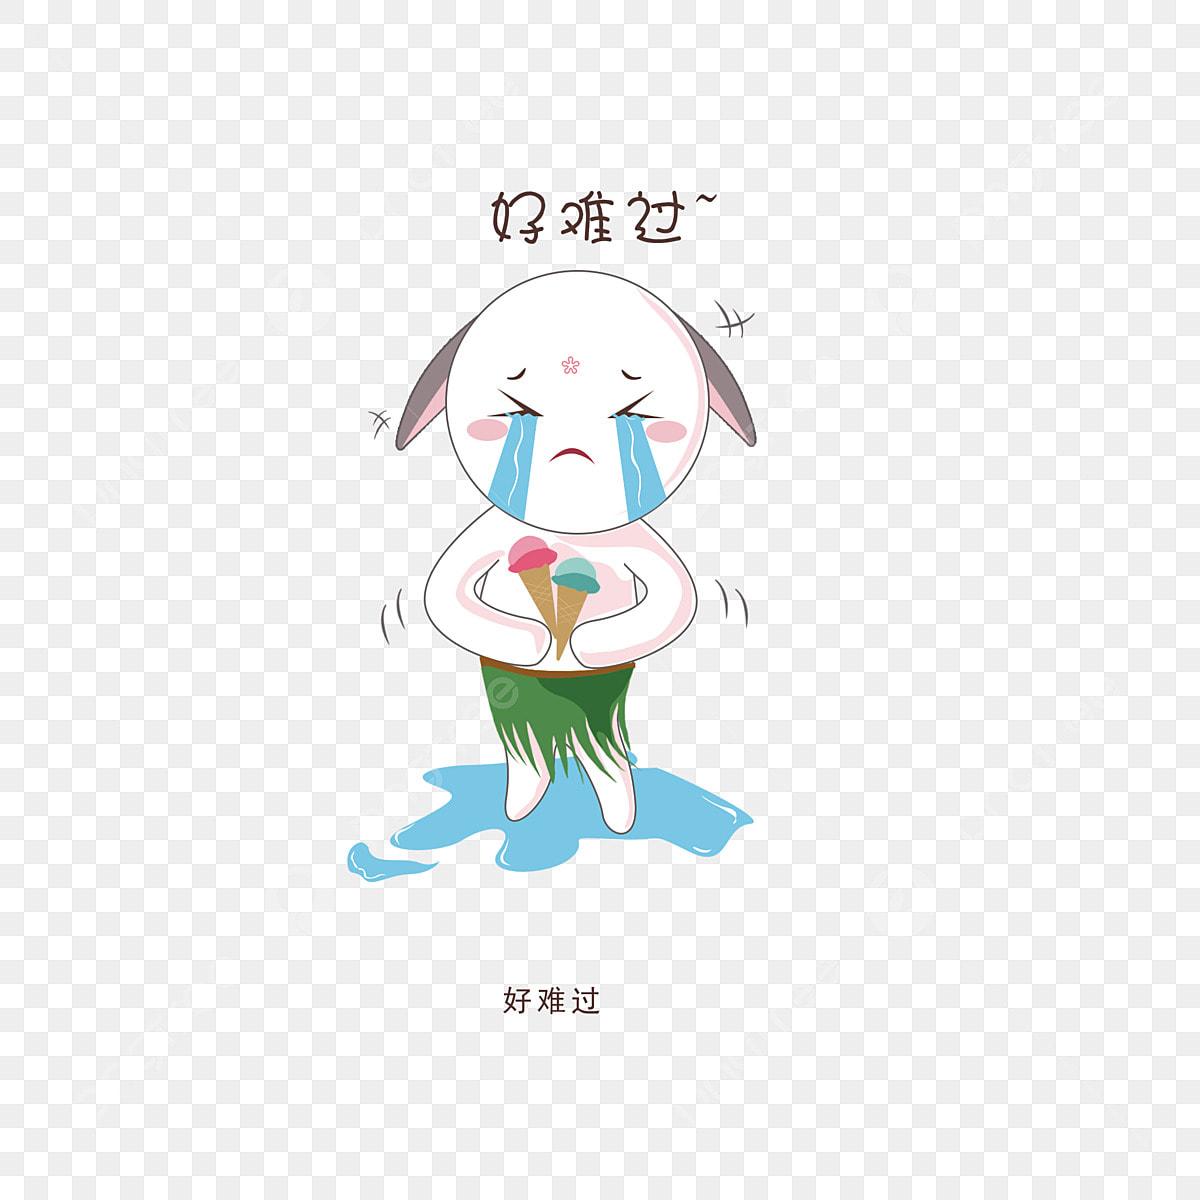 حزين جدا من ناحية رسم الأرنب التعبيرات الكرتون لطيف صور انمي لطيف